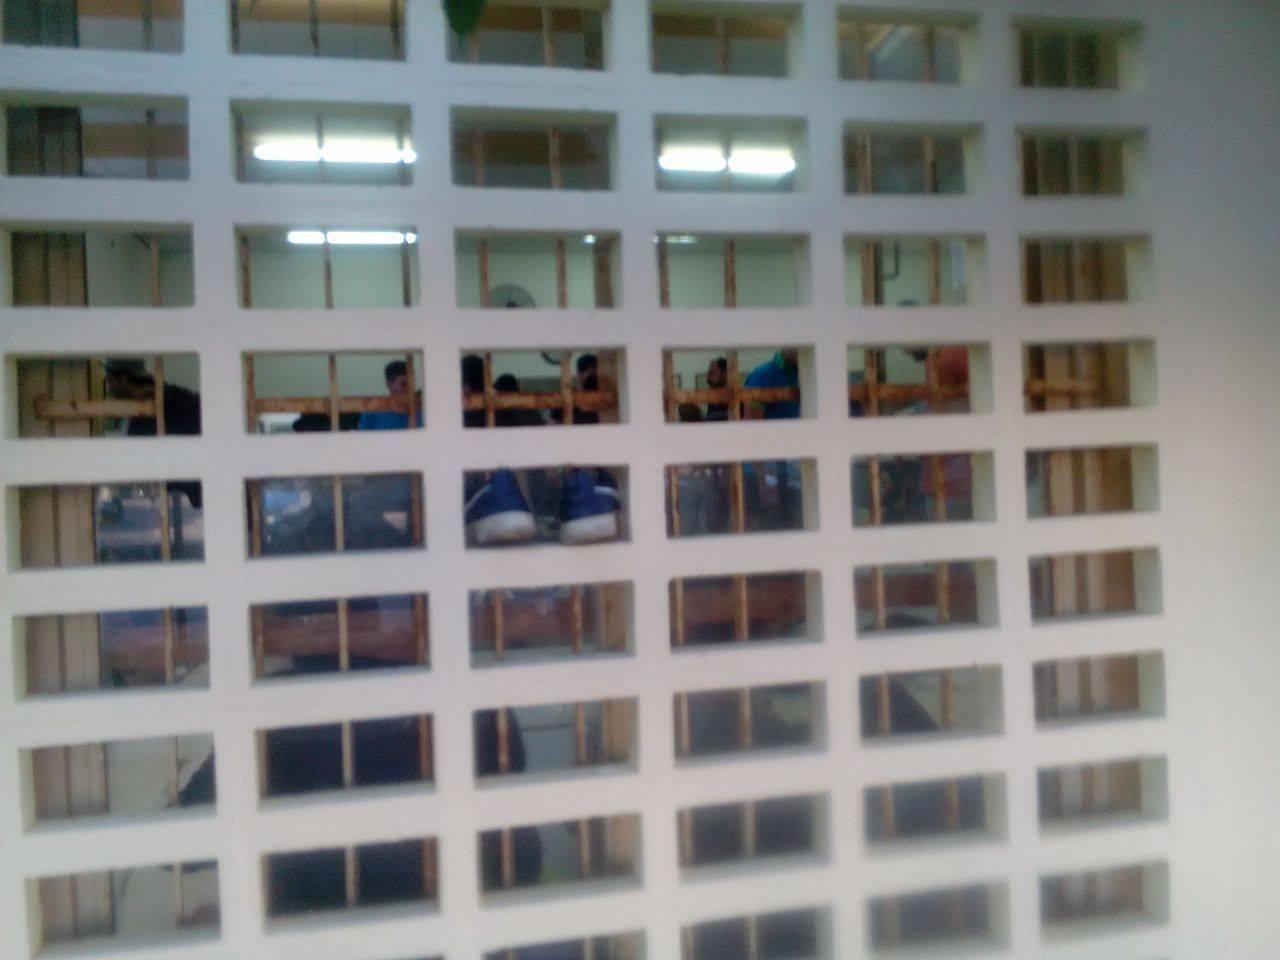 Λήψη της αίθουσας των Λιμενεργατών, όπου στοιβάζονται οι 70 πρόσφυγες. Η φωτογραφία αναρτήθηκε στο Facebook από την Πρωτοβουλία Ηρακλείου για τους πρόσφυγες και μετανάστες